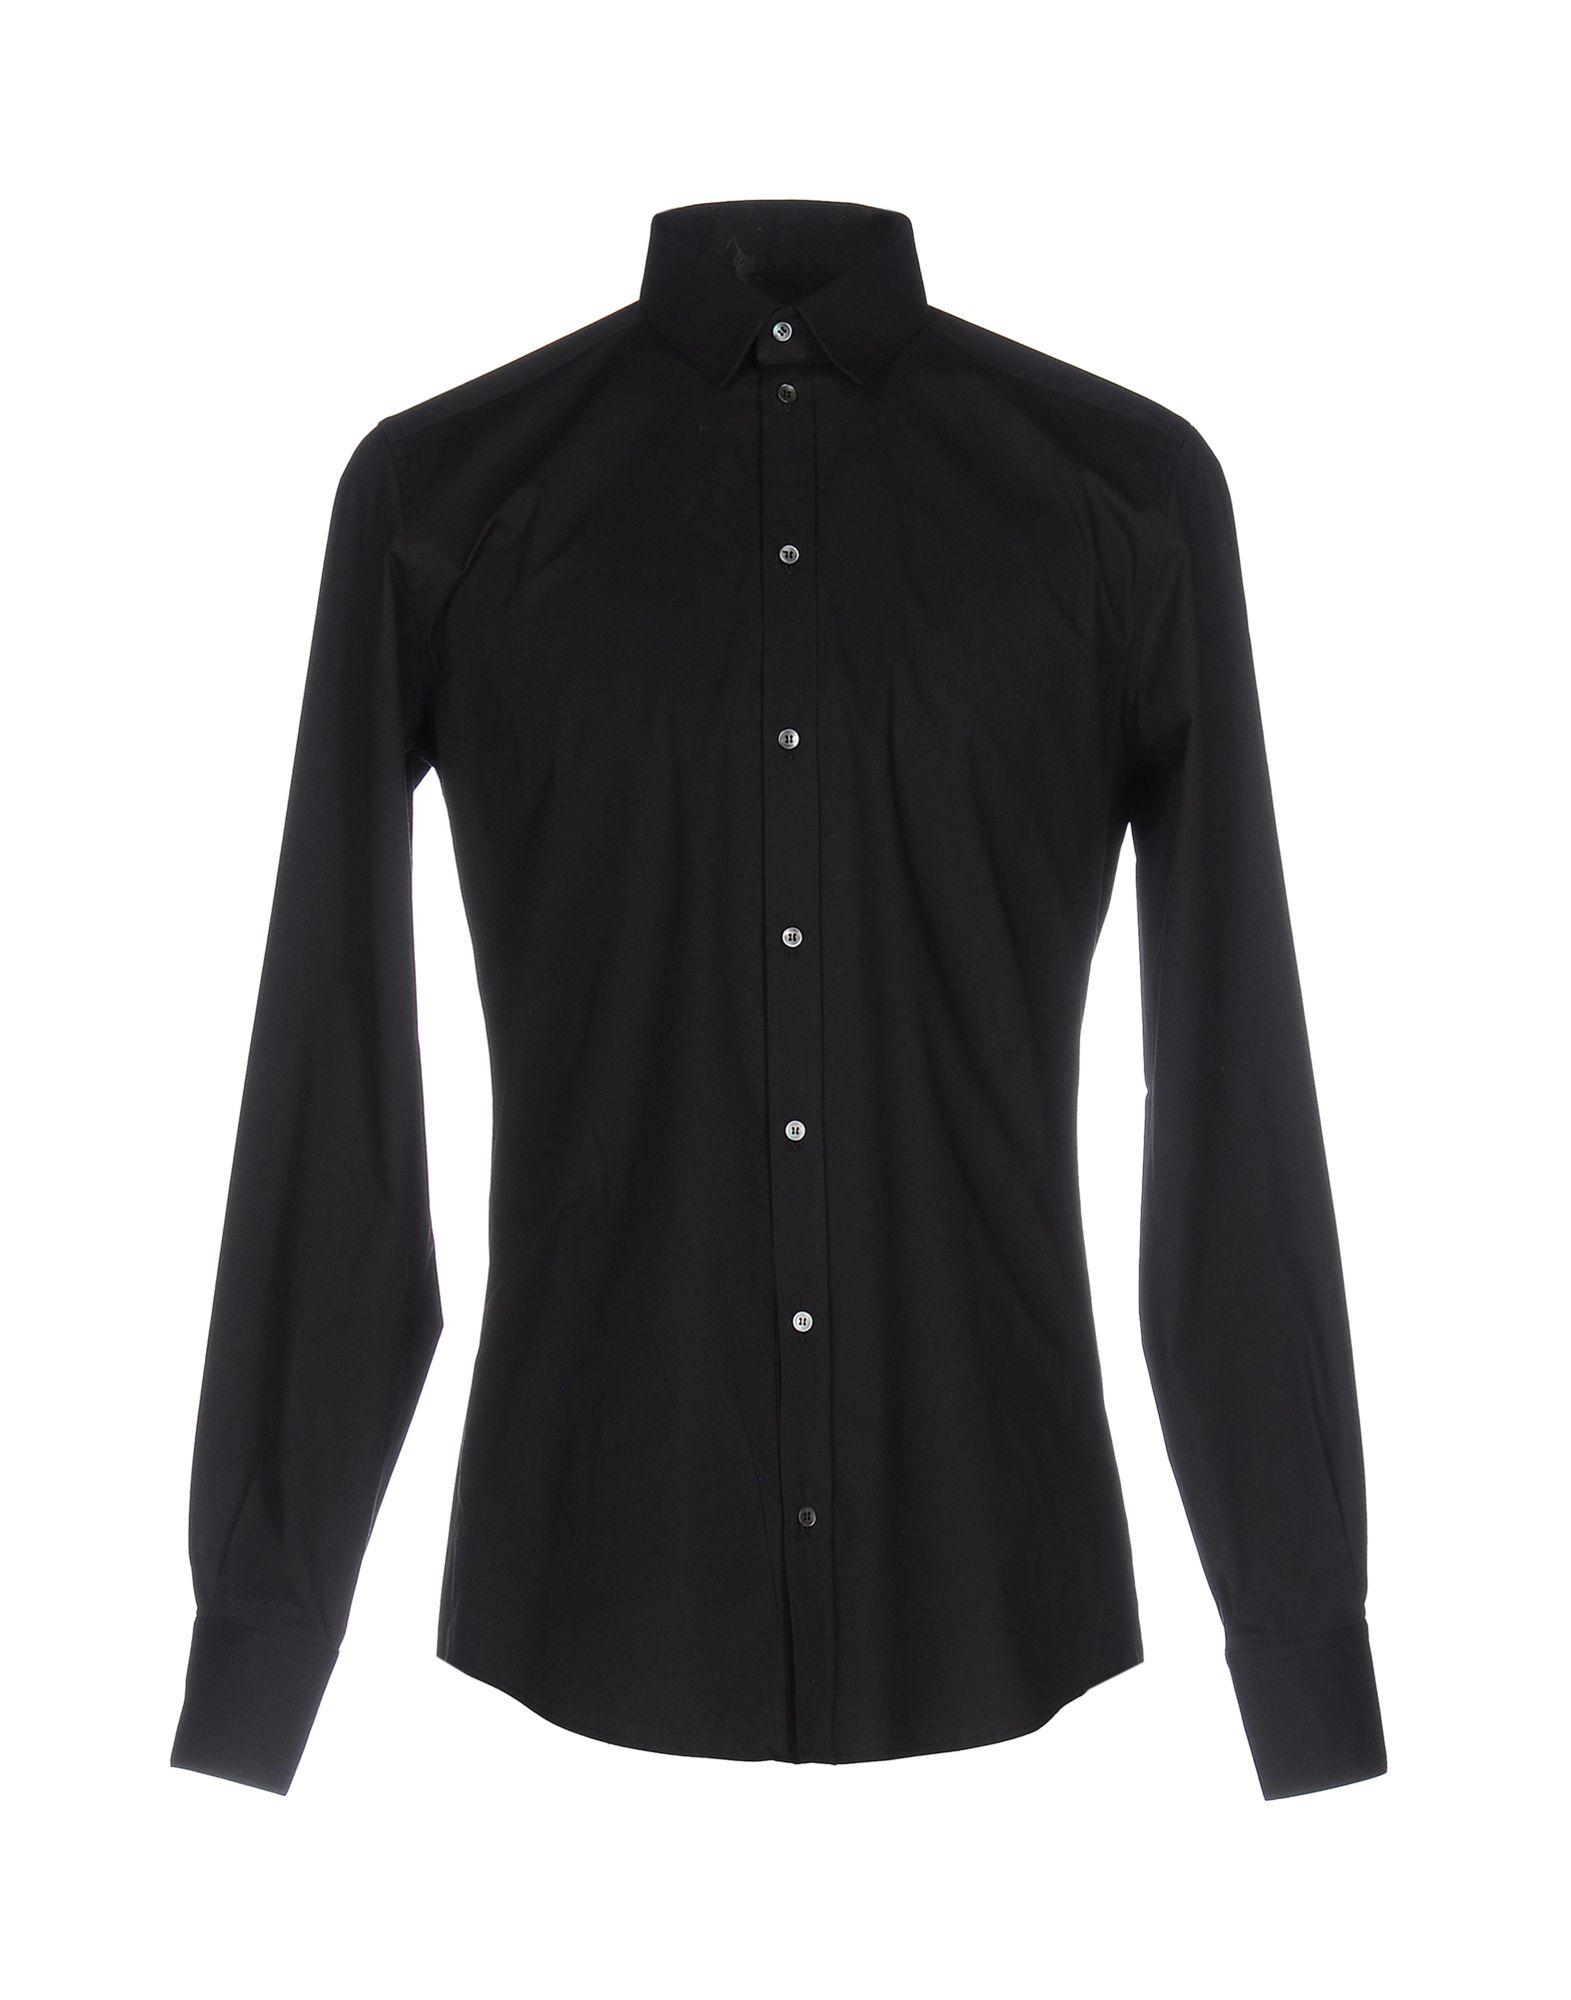 DOLCE & GABBANA Herren Hemd Farbe Schwarz Größe 3 jetztbilligerkaufen